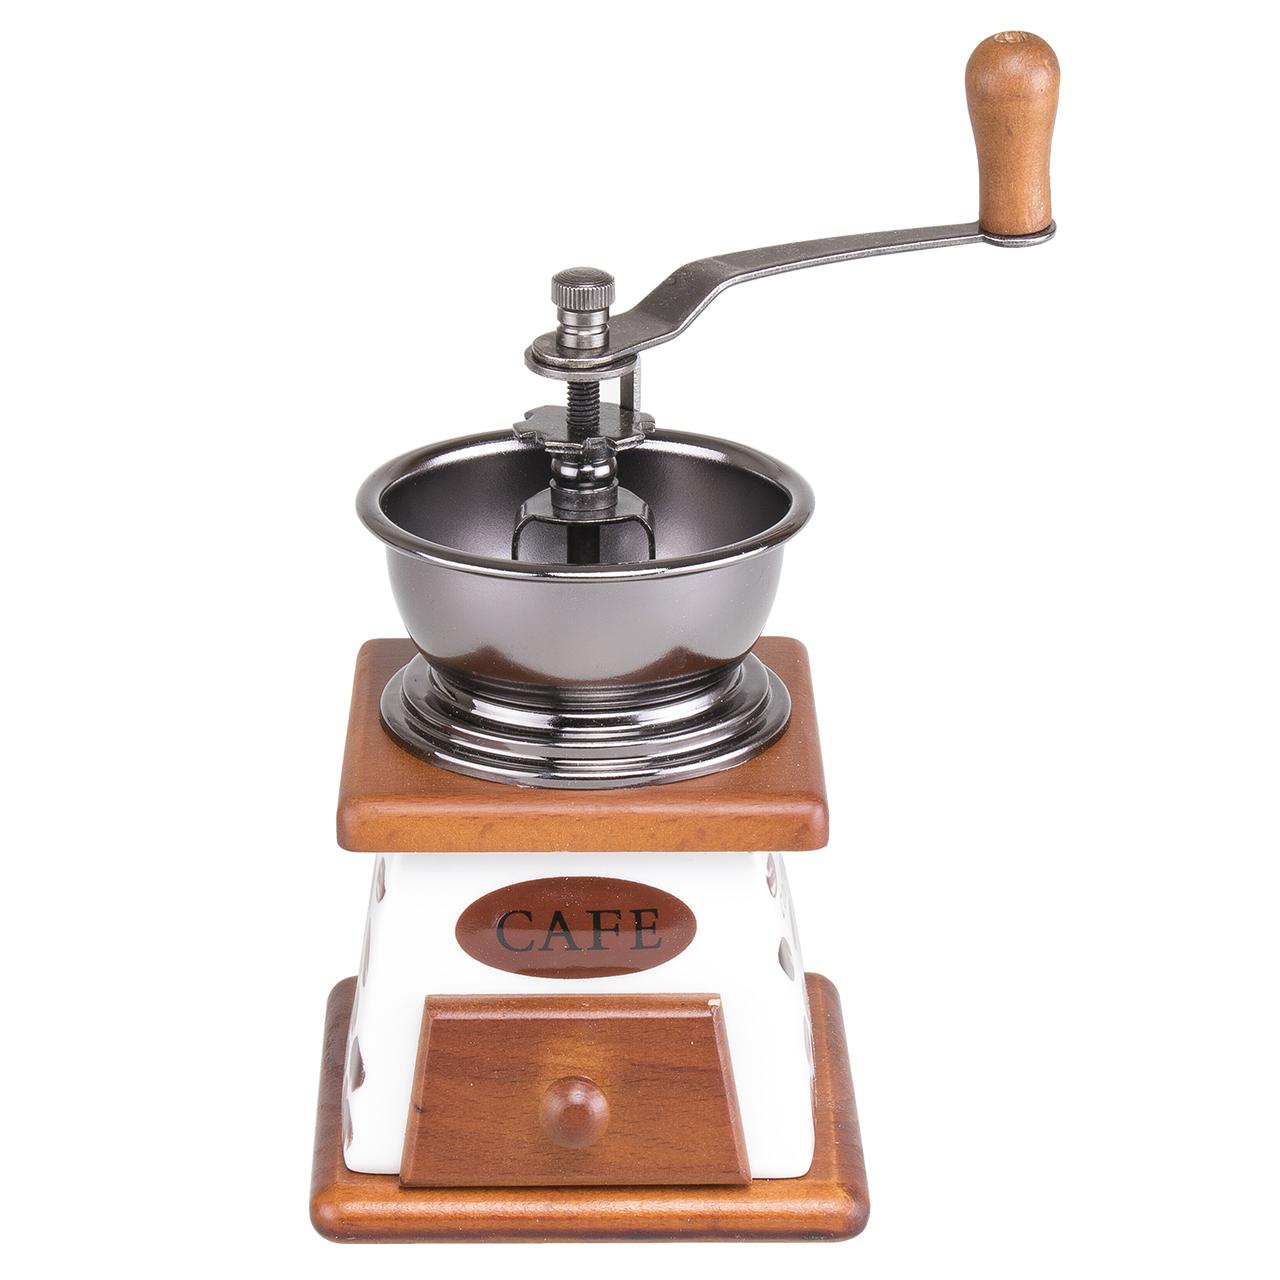 آسیاب دستی قهوه کد 20102